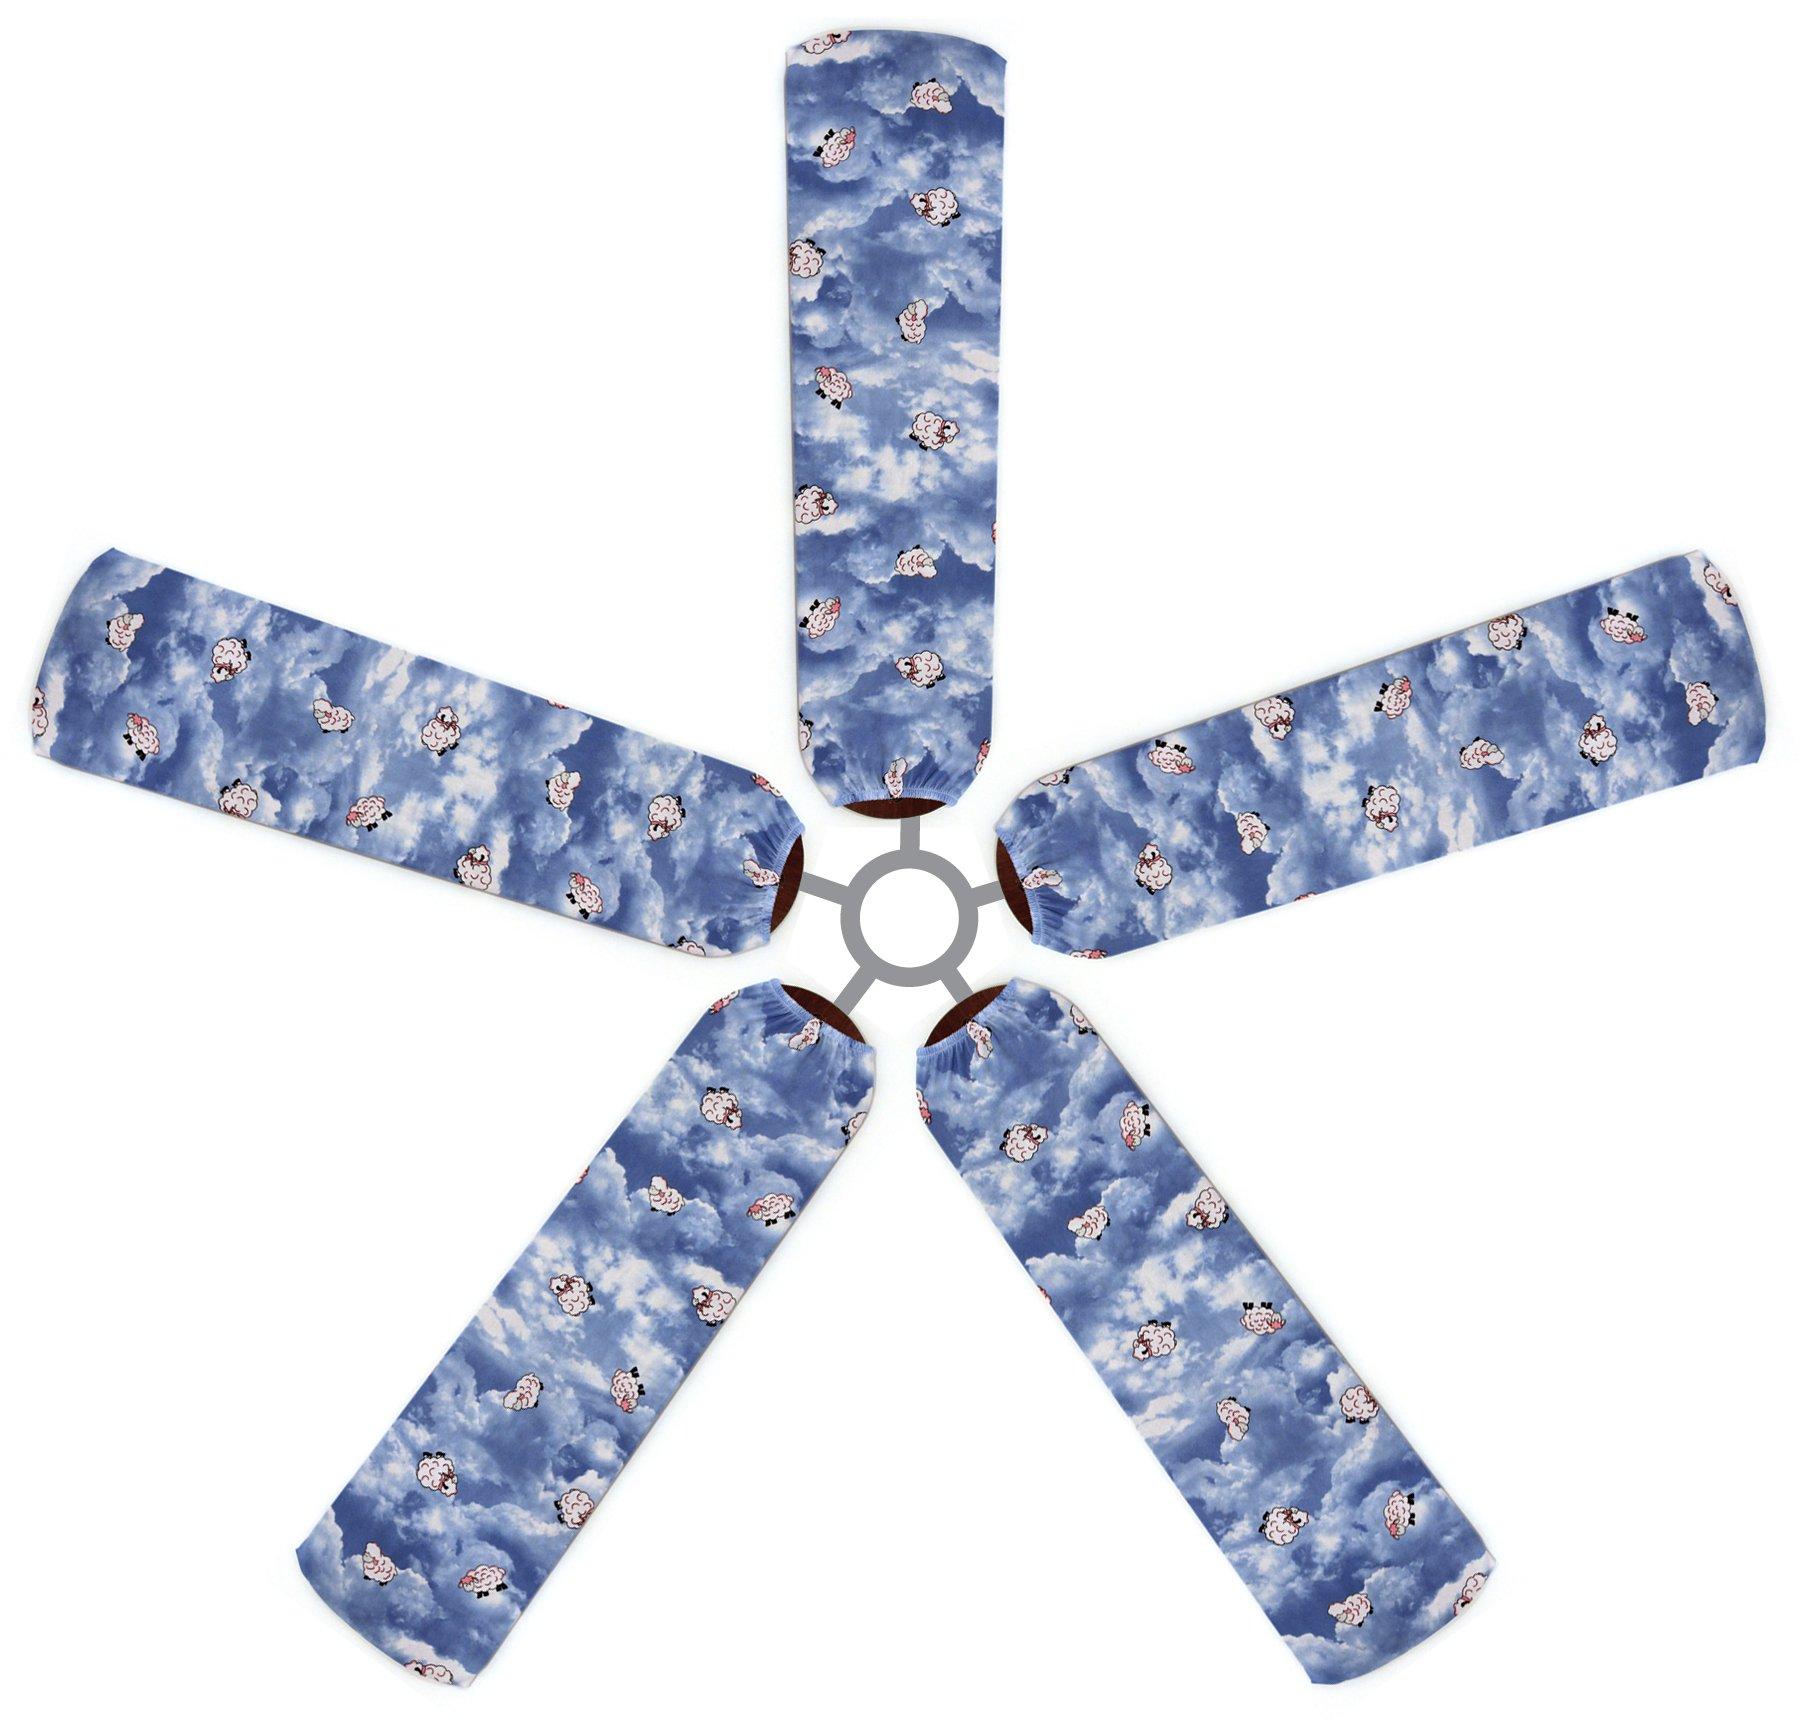 Fan Blade Designs Lullaby Ceiling Fan Blade Covers